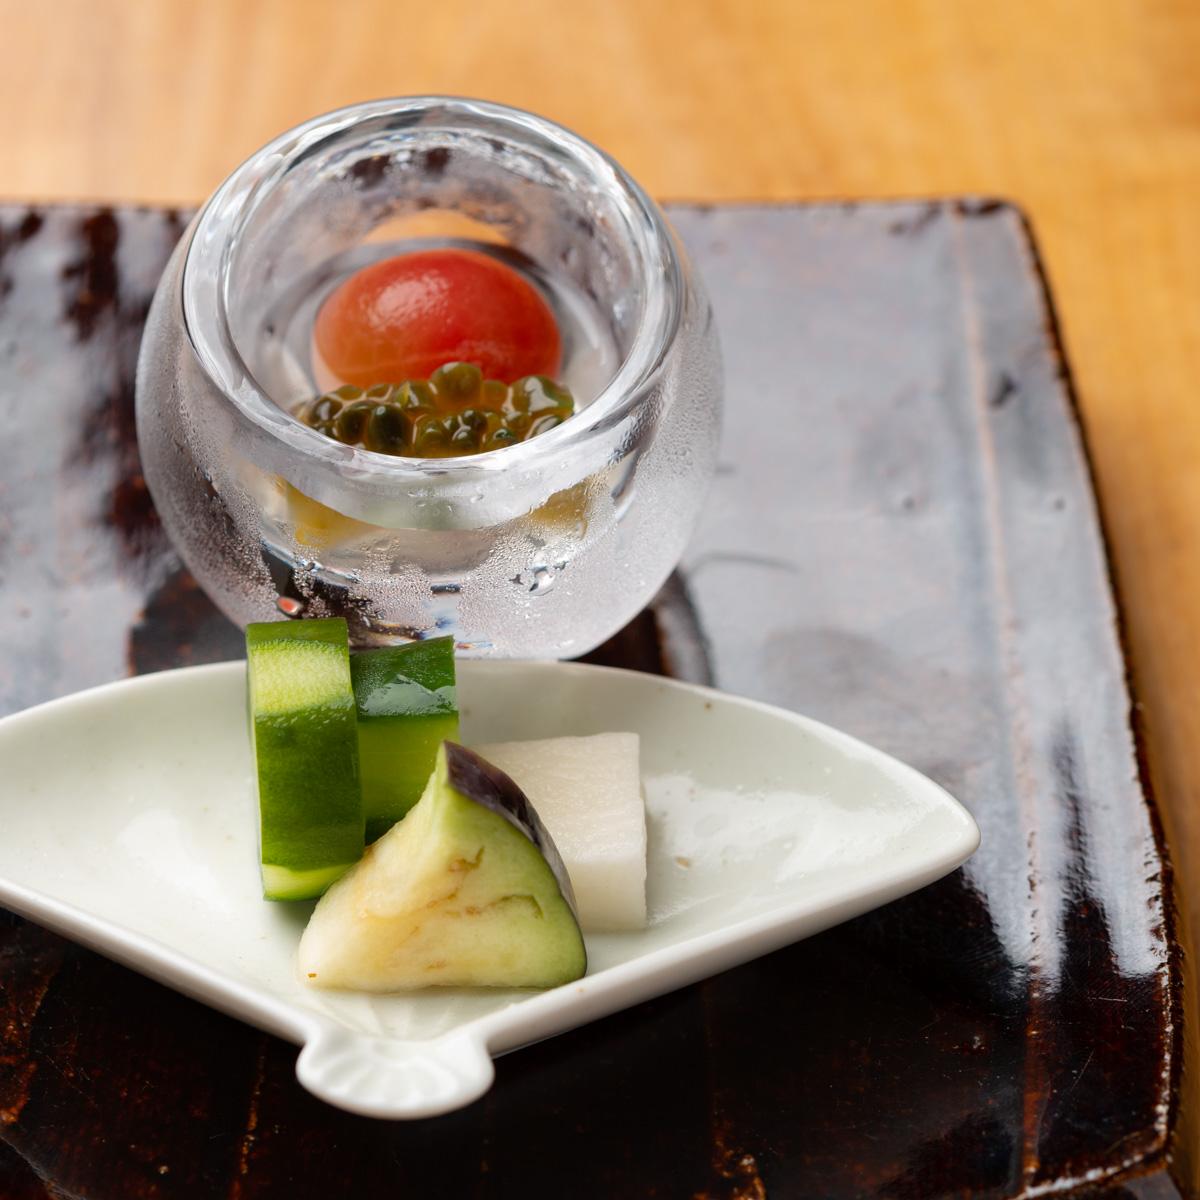 香の物|きゅうりのぬか漬け、水茄子の浅漬け、長芋のわさび漬け、ゴーヤとミニトマトの甘酢漬け